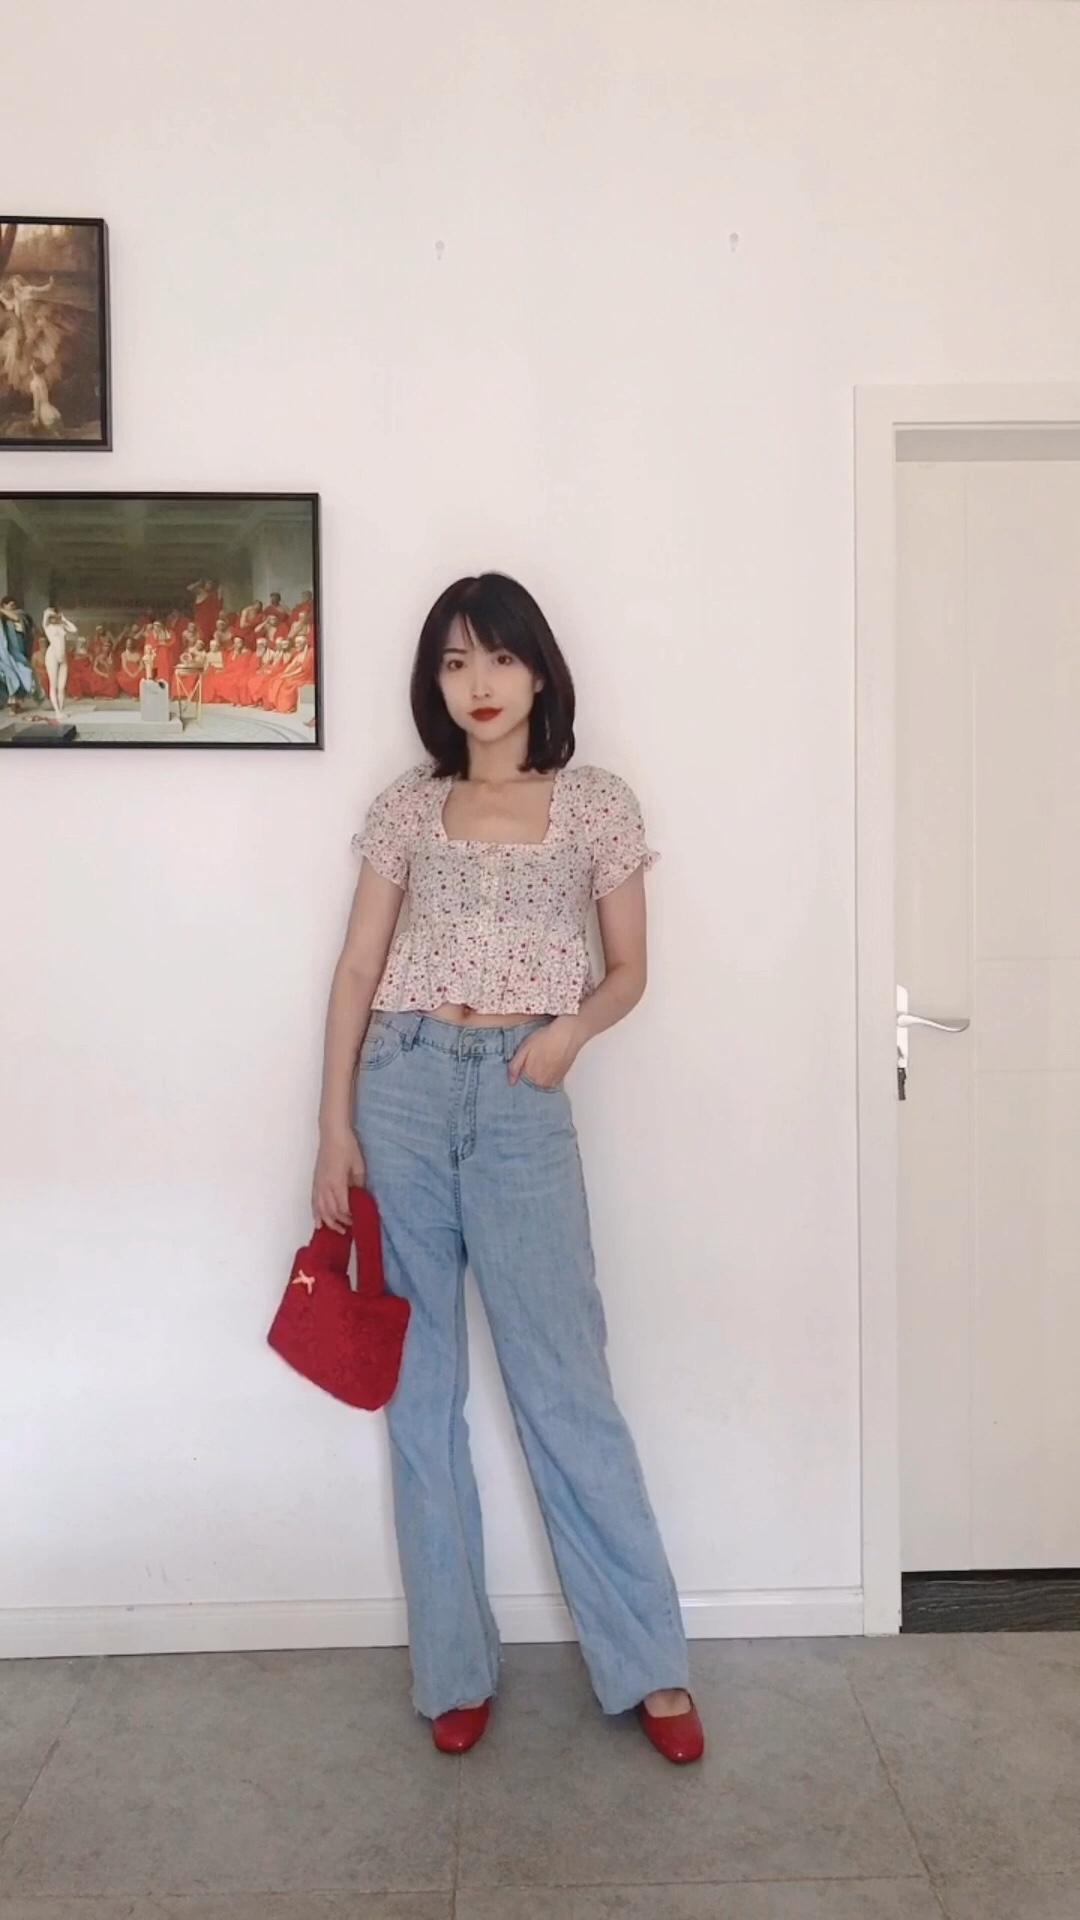 【Valerie's OOTD】Vol.246 今年各大品牌都出了超多碎花单品,不管是高奢还是高街都有。再加上泫雅今年大火,各种泫雅风的彩色花朵单品也爆火,我也跟风入了很多件,每一件都很好穿。 这一套穿搭是甜美减龄风,上衣是一件泡泡袖短上衣,粉色和红色的印花超可爱。下面搭配一条高腰牛仔阔腿裤,上短下长显高又显瘦。 拎上一个红色毛毛包,搭配红色粗跟单鞋,可爱又减龄。 #被泫雅同款性感美腻slay到#